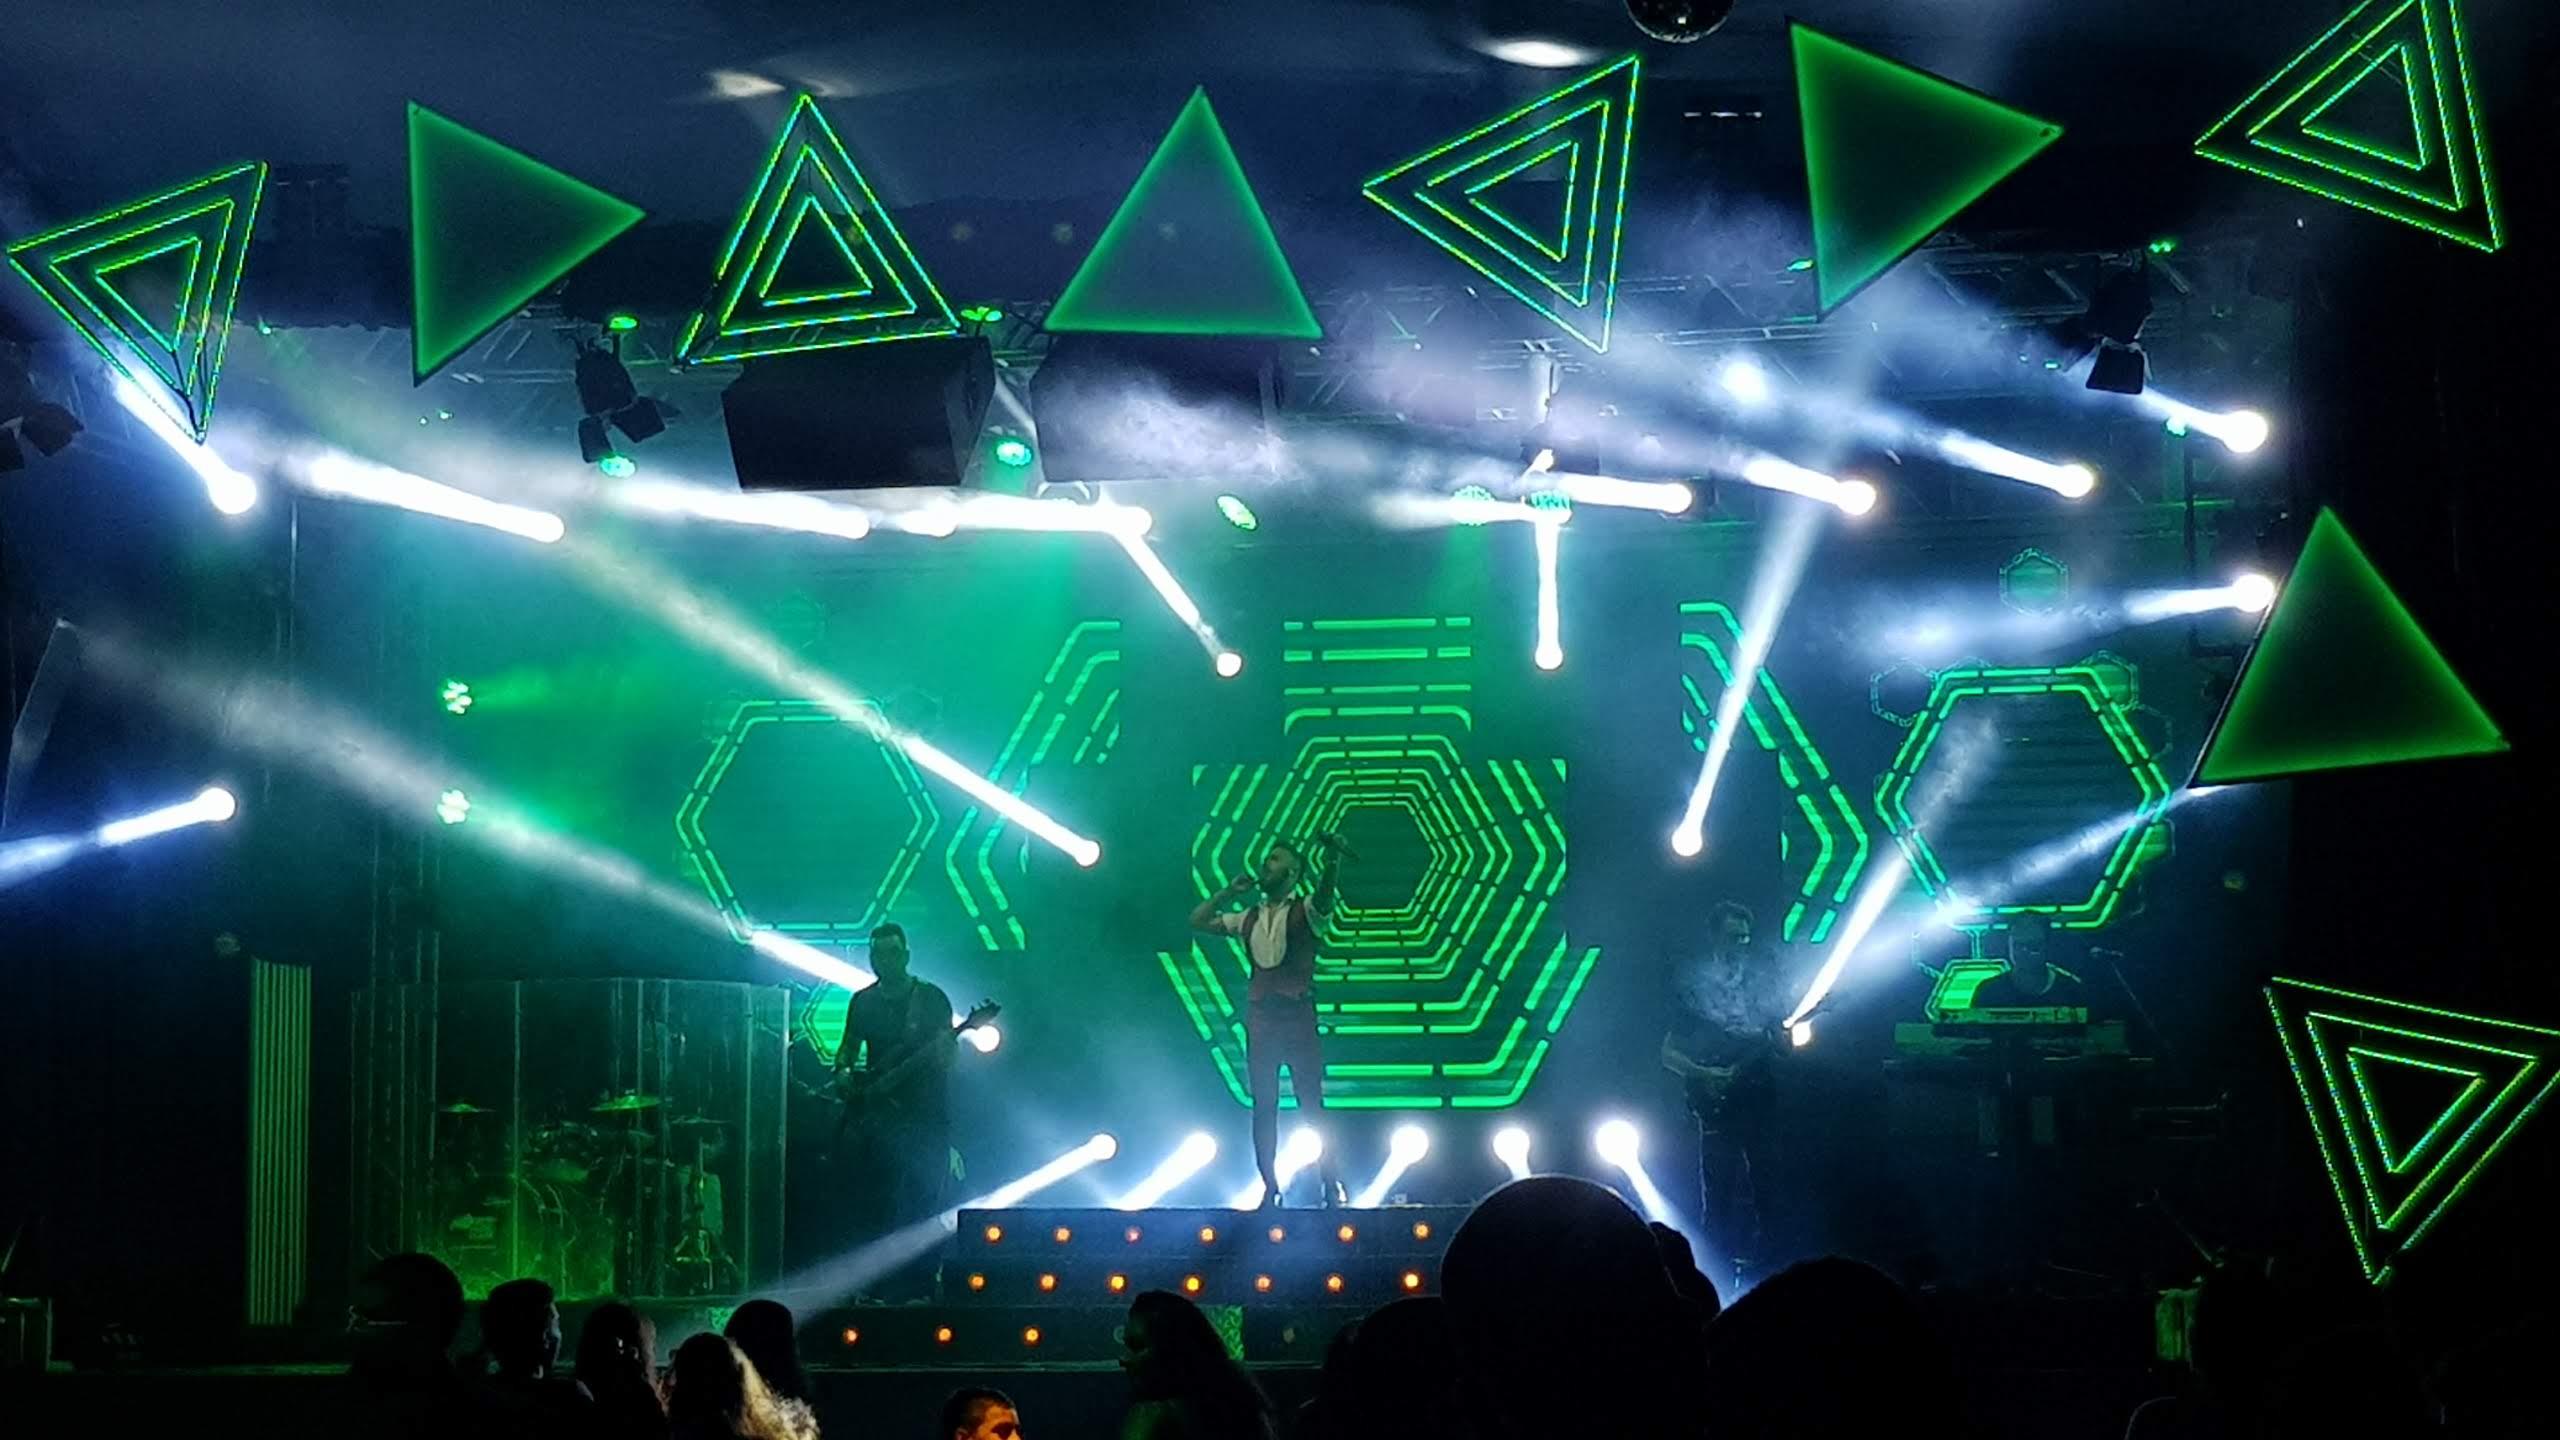 LCE Eventos - Banda Palace - Estrutura Iluminação Som Eventos